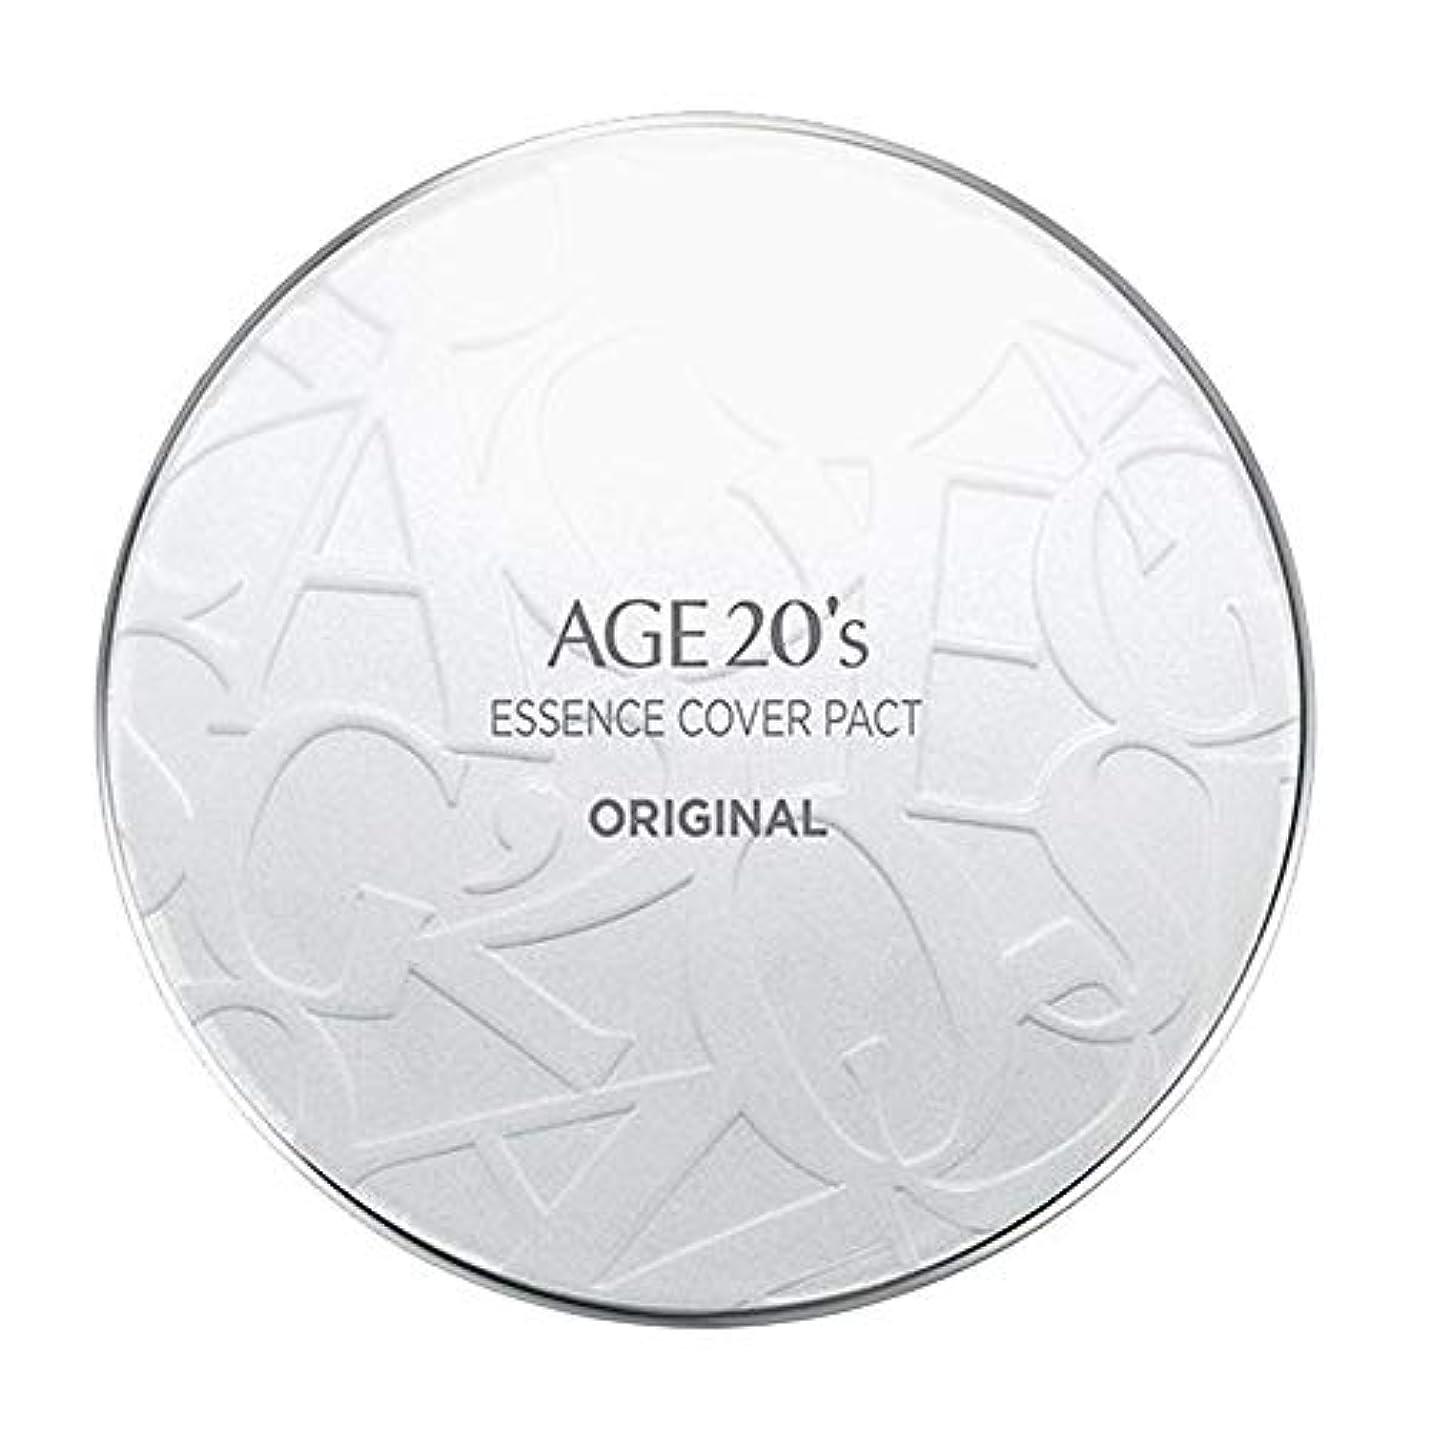 加入誰か添加剤AGE 20's(エイジ20's) エッセンスカバーパクトオリジナル(本品1個+リフィル2個付)ケースカラーホワイト (21号)